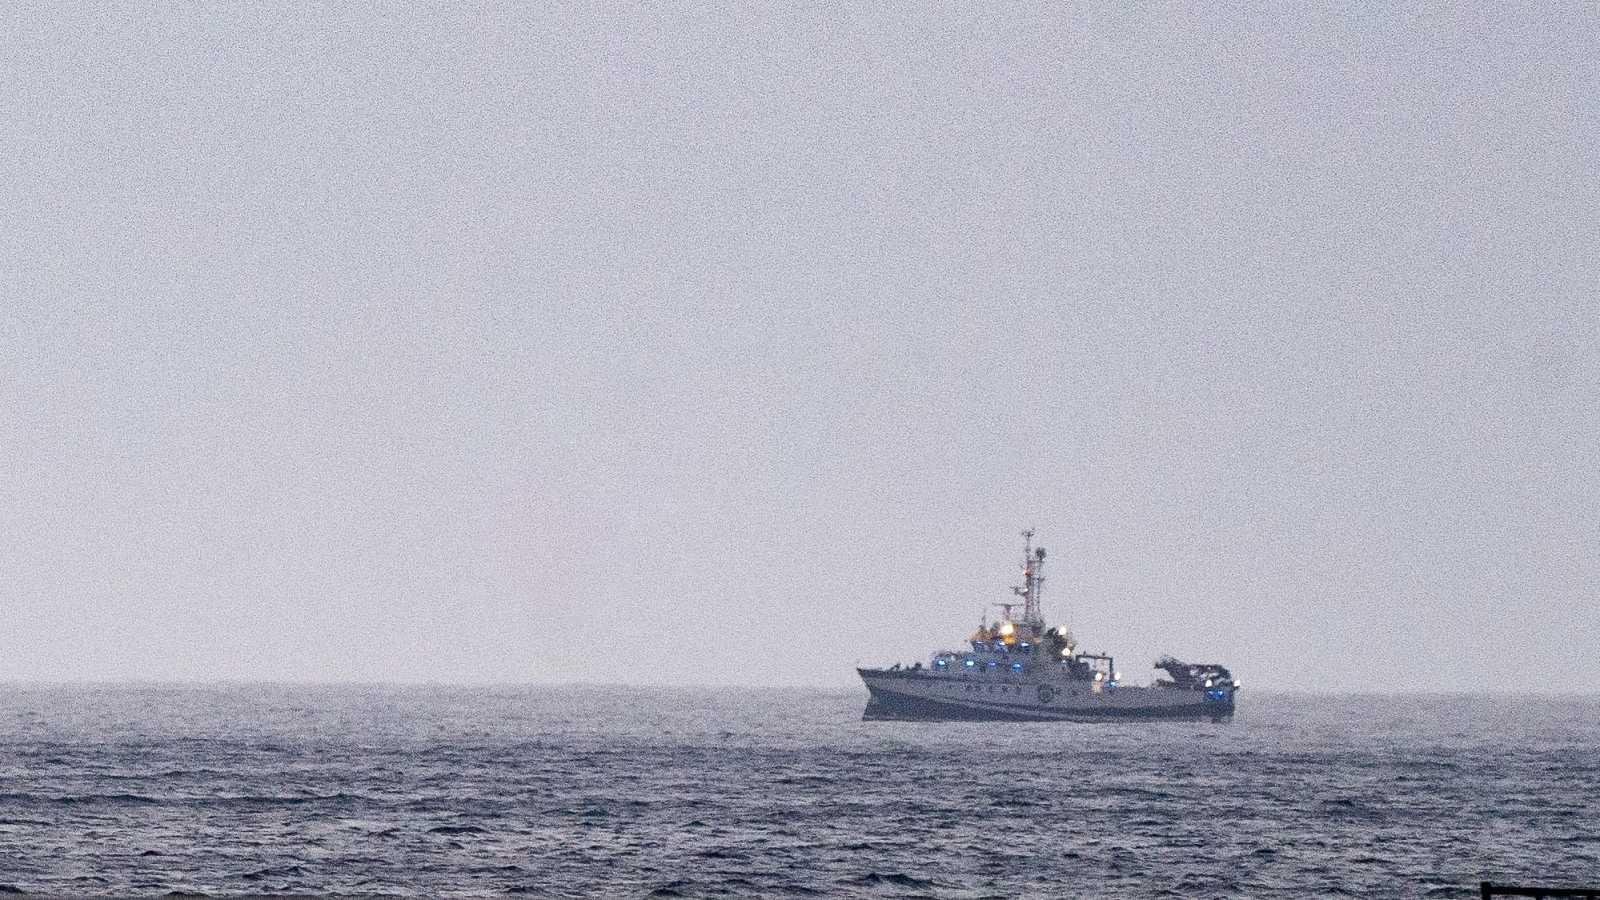 El buque oceanográfico que ha localizado en la zona donde se busca a las niñas Anna y Olivia